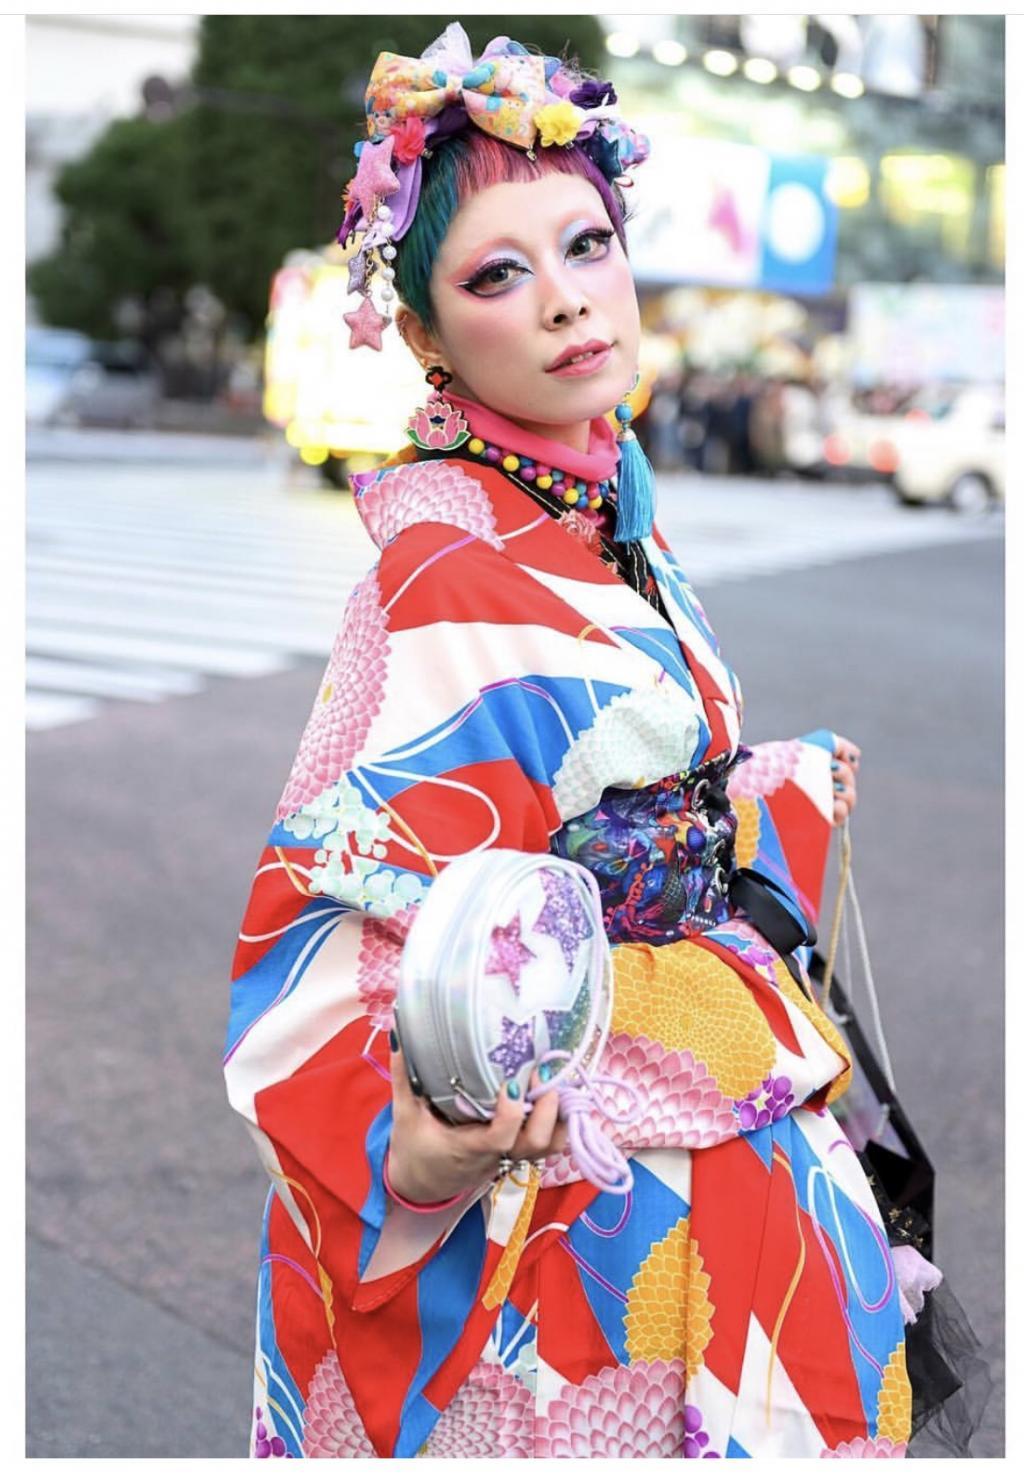 Phong cách Harajuku ngày nay: Bạn theo phe thích chơi đùa với màu sắc hay team 'quái - độc - dị'